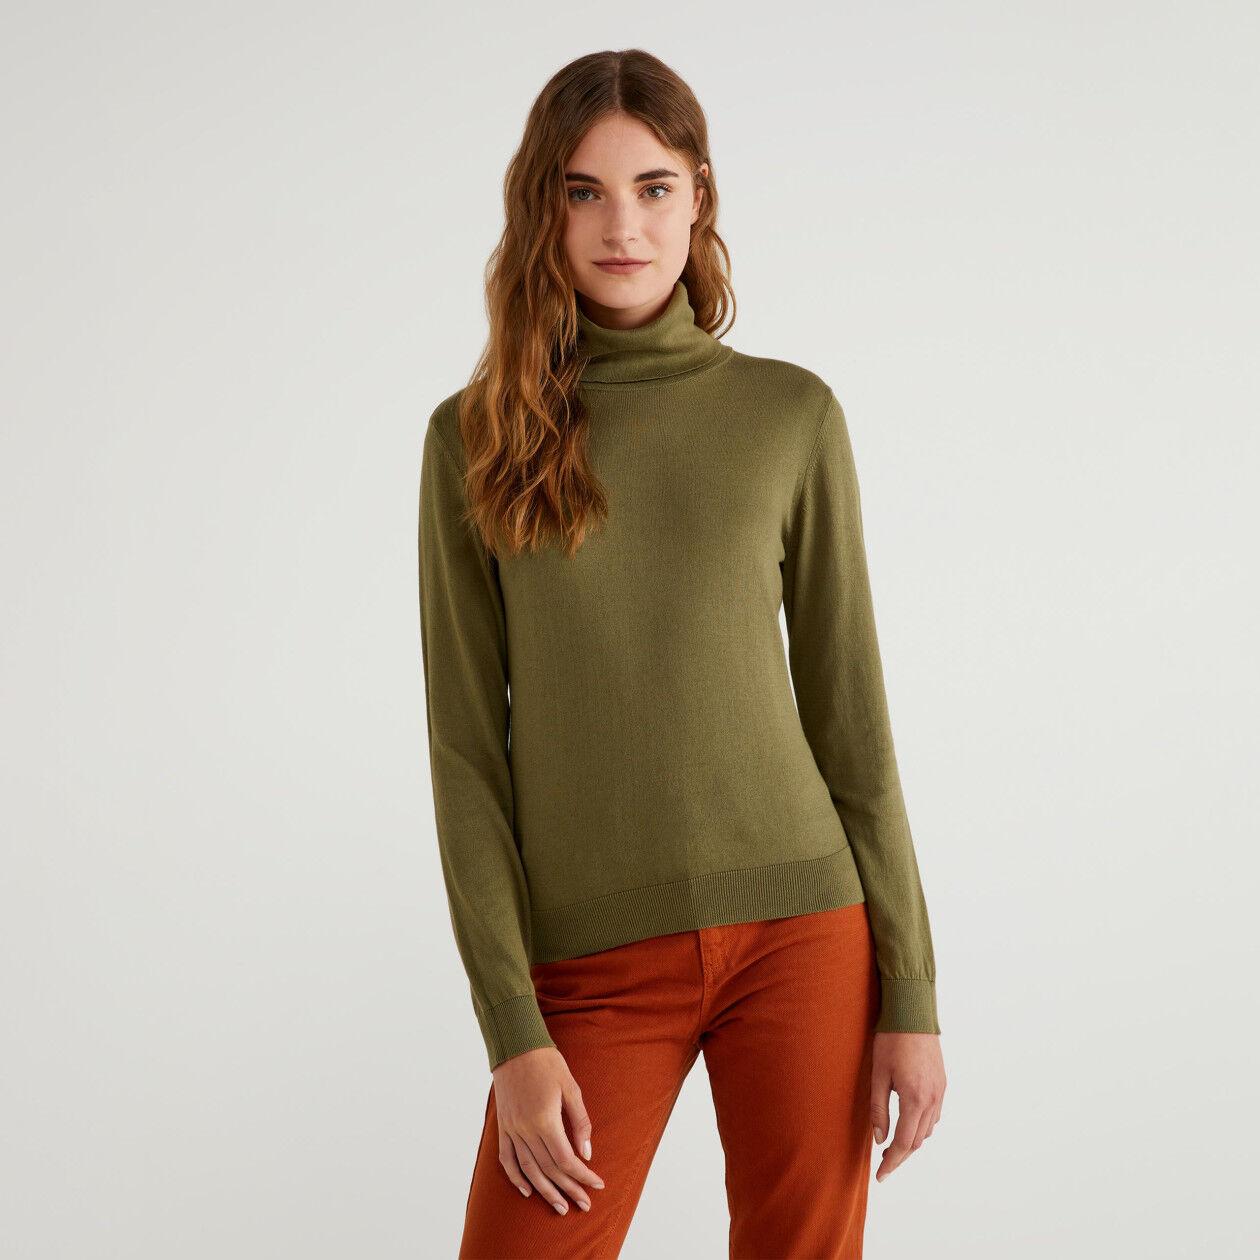 Camisola gola alta em algodão e Modal®